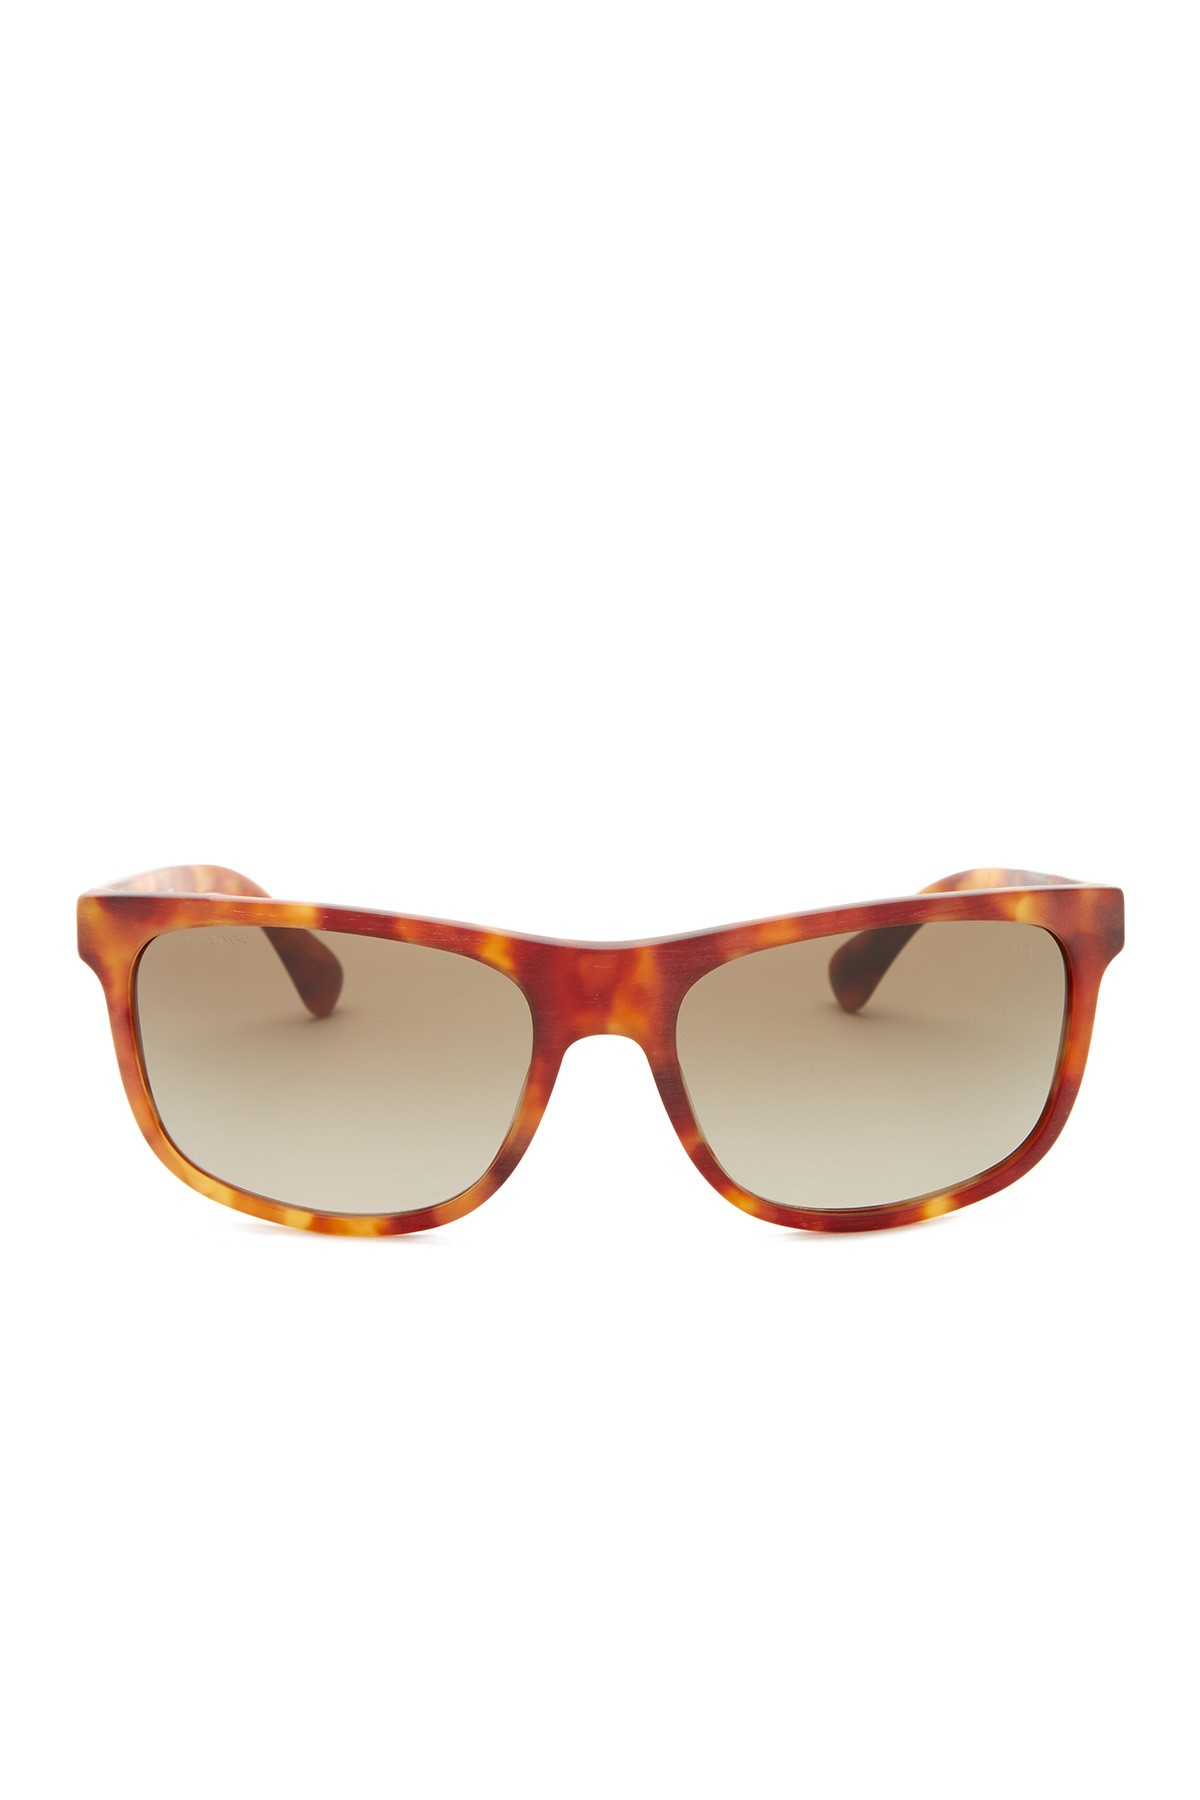 Boots Jigsaw Glasses